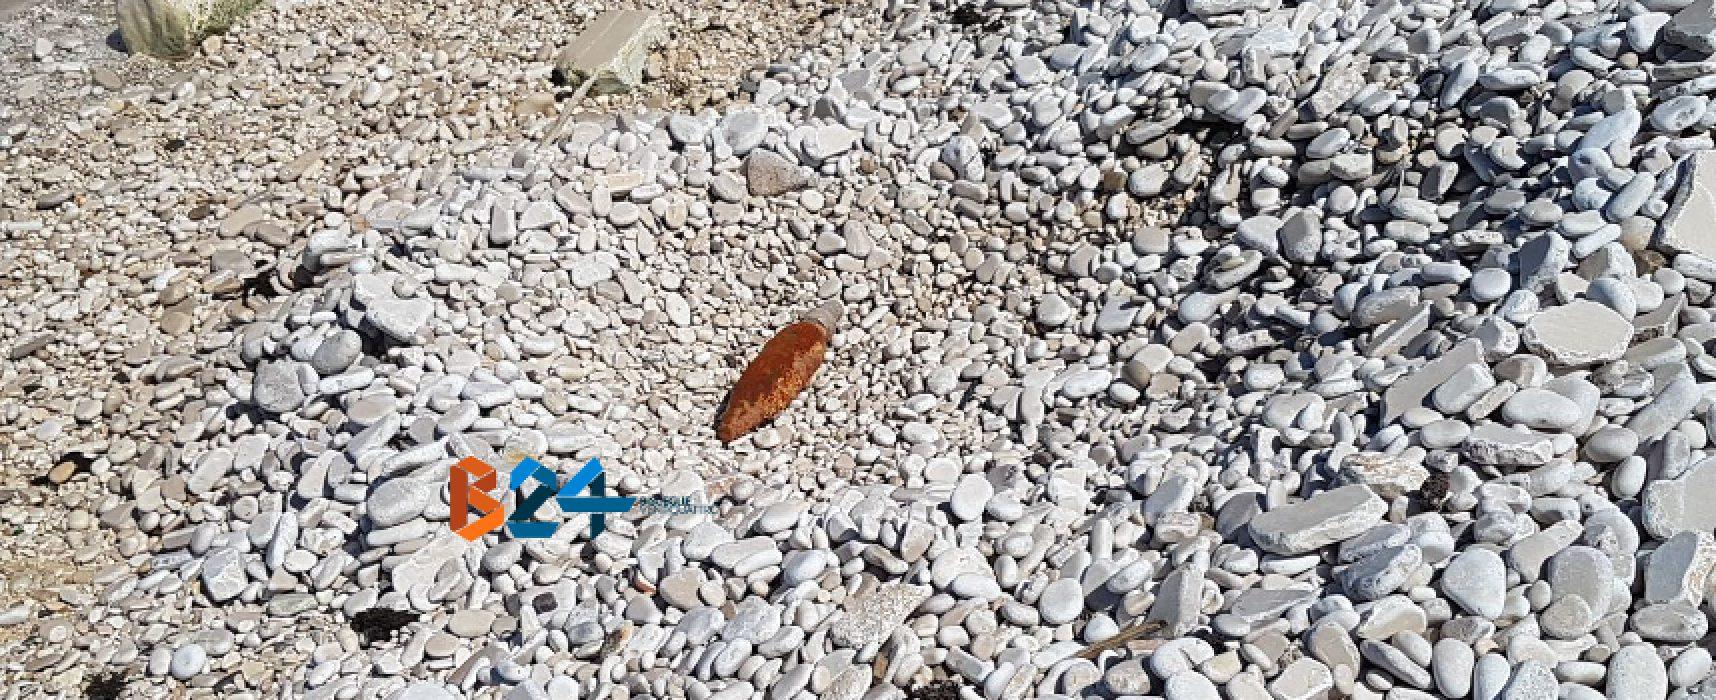 Sub biscegliese ritrova ordigno bellico in zona Torre Calderina / FOTO